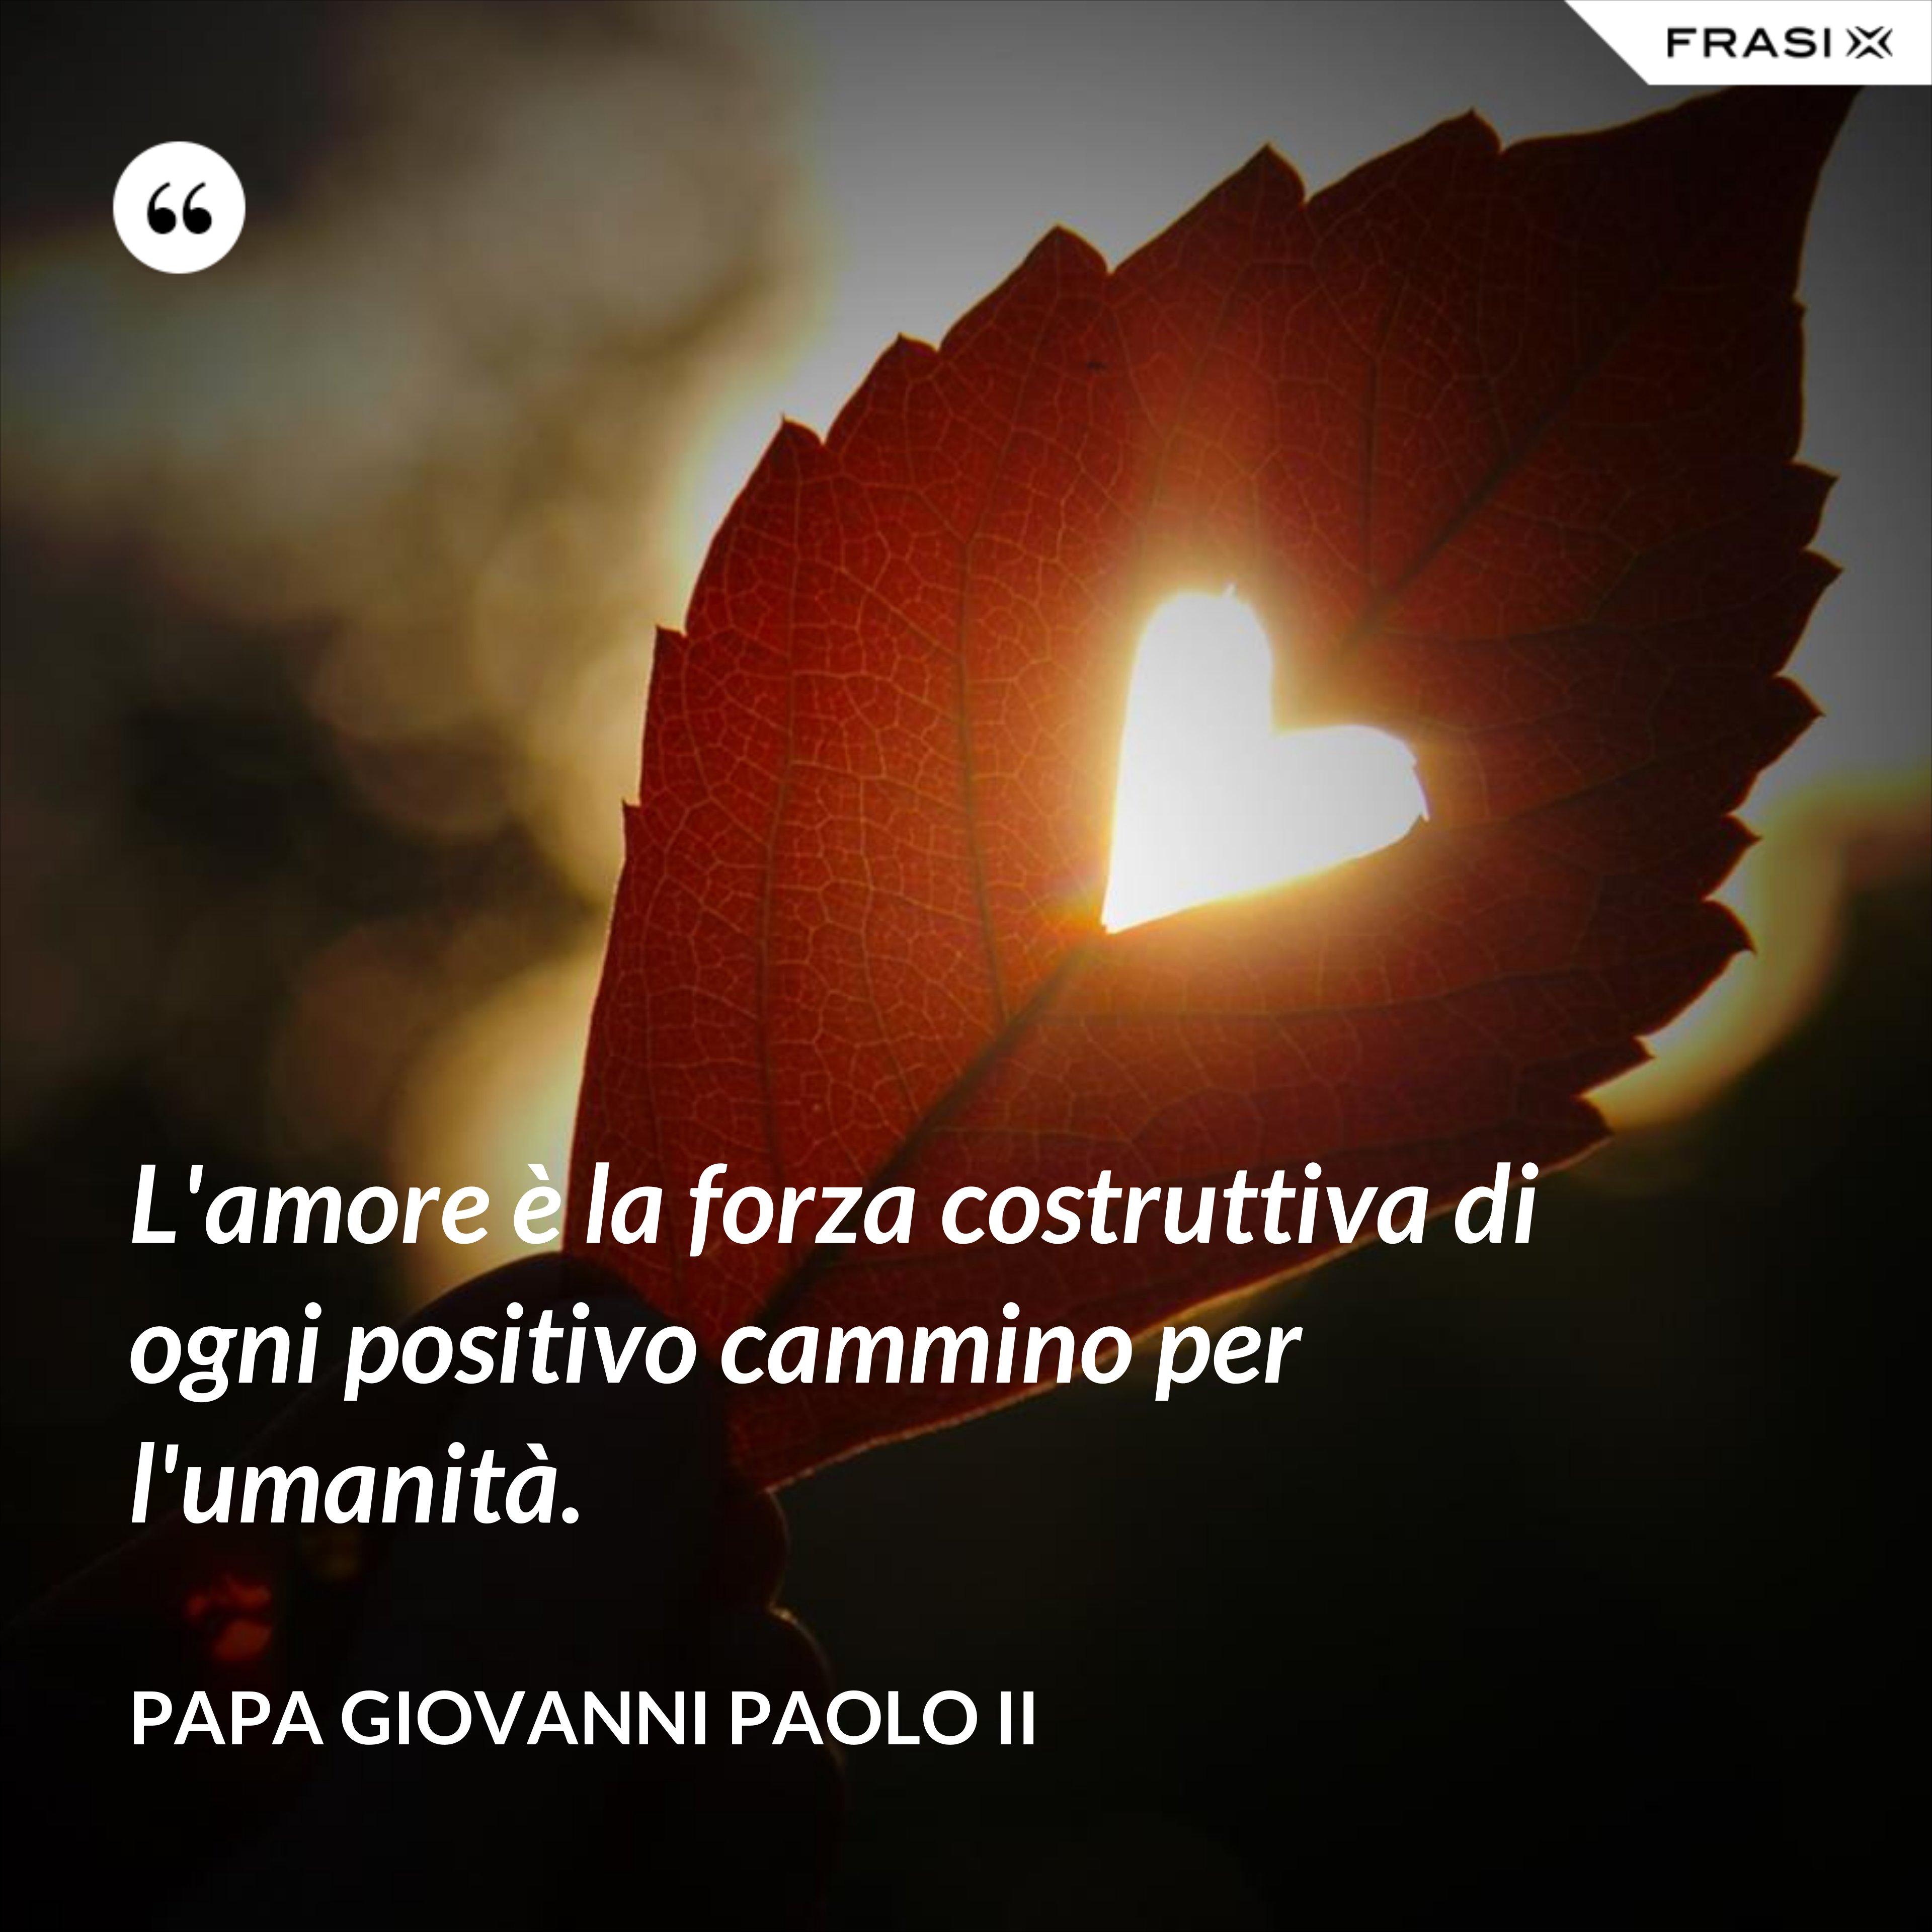 L'amore è la forza costruttiva di ogni positivo cammino per l'umanità. - Papa Giovanni Paolo II